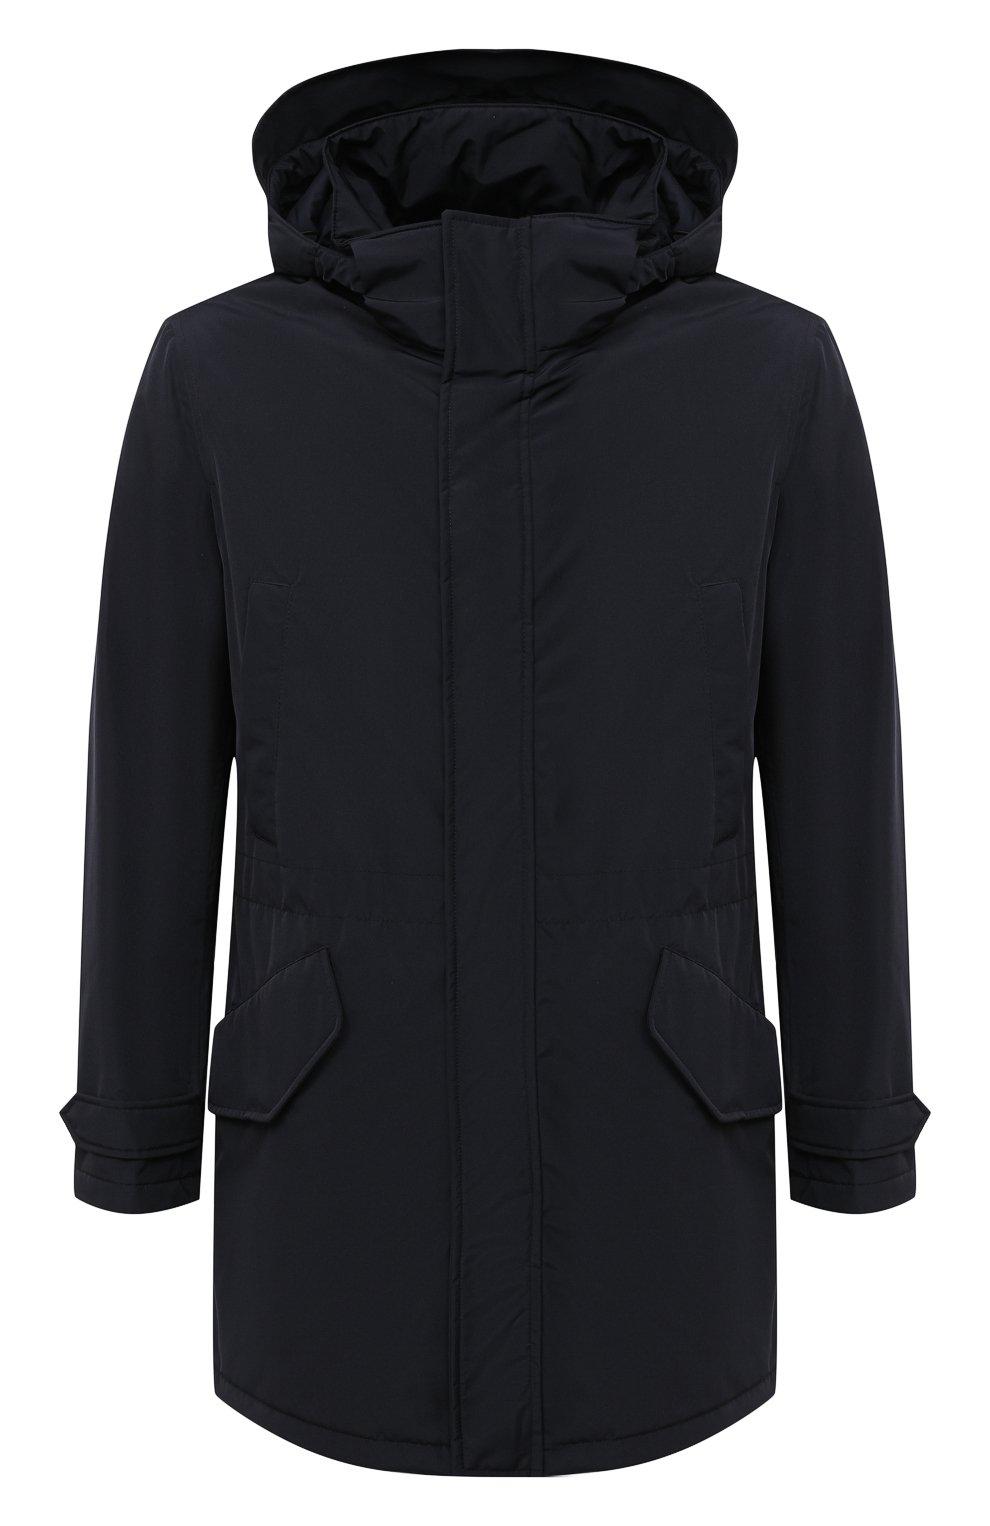 Мужская утепленная парка ASPESI темно-синего цвета, арт. W0 I 9I12 7981 | Фото 1 (Кросс-КТ: Куртка, Пуховик; Мужское Кросс-КТ: пуховик-короткий, Пуховик-верхняя одежда, Верхняя одежда; Рукава: Длинные; Материал внешний: Синтетический материал; Материал подклада: Синтетический материал)